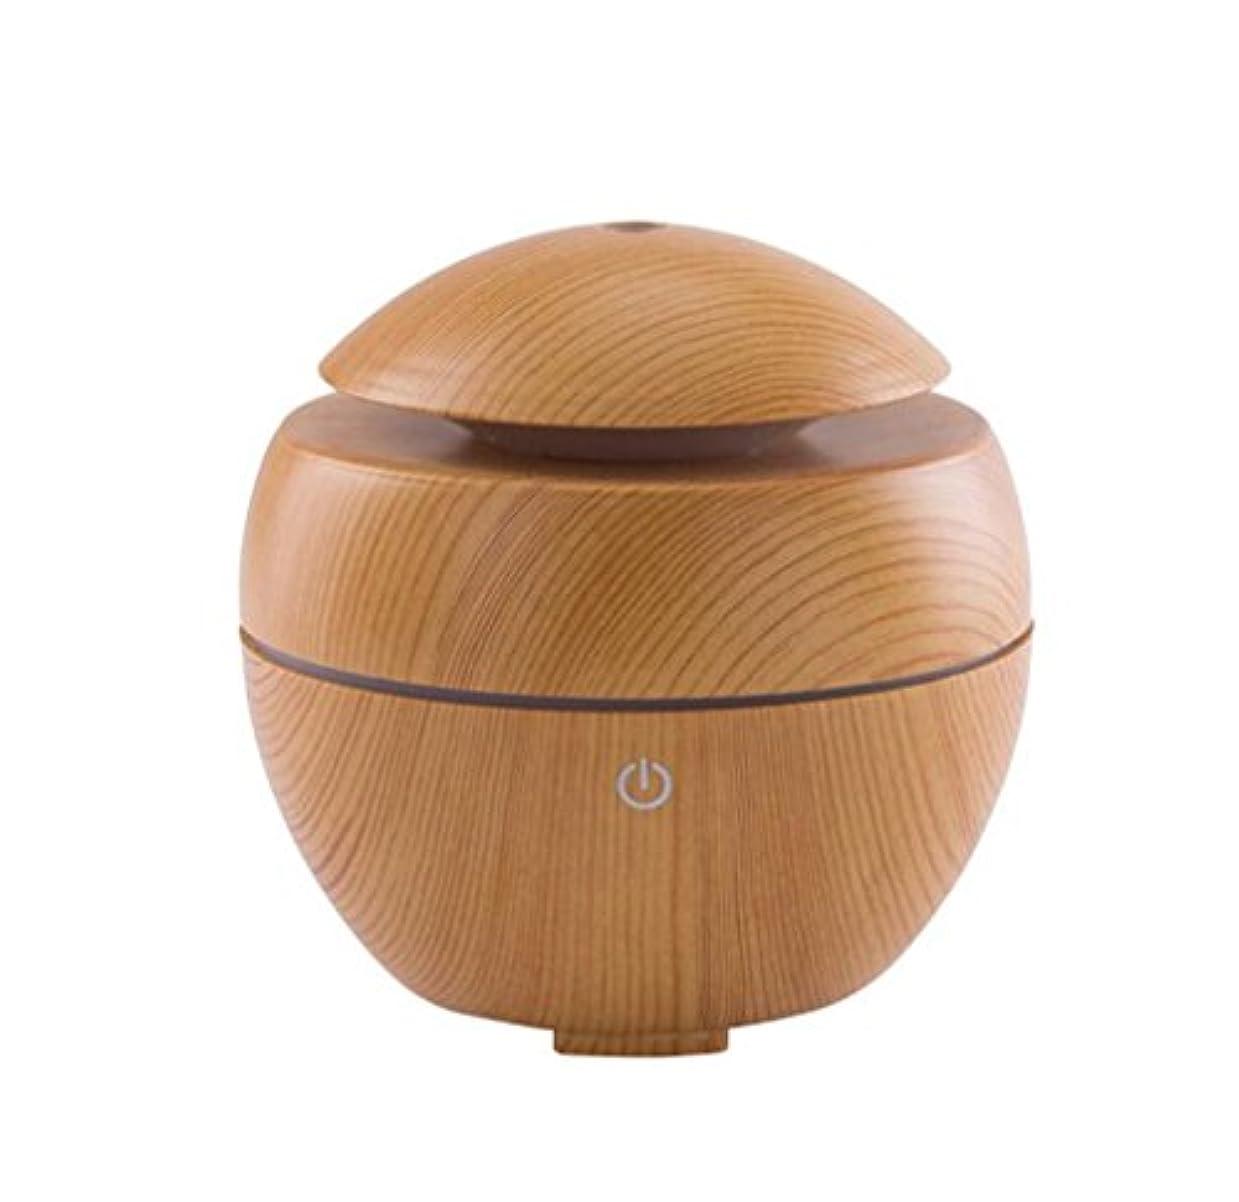 クスコストライクはぁウッドグレインエッセンシャルオイルディフューザークールミストと7色のLEDライトを交換する超音波加湿器ポータブルアロマディフューザー、水なしオートオフエアー清浄機